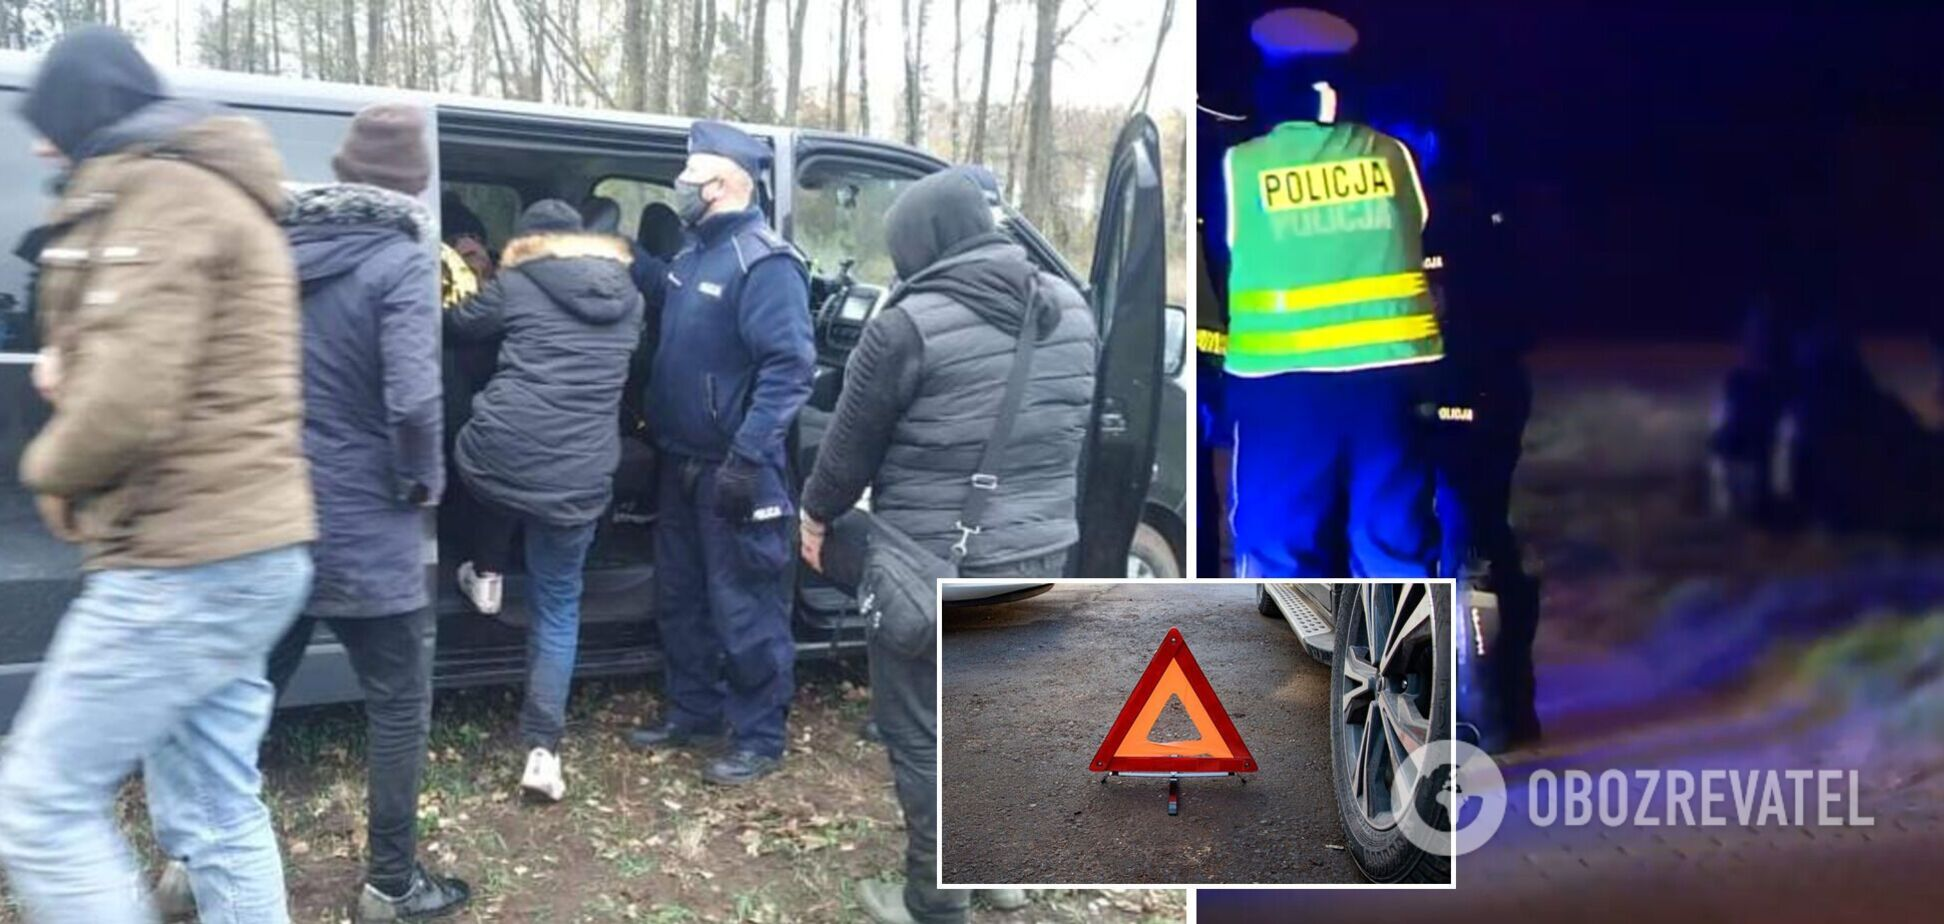 Перевозили нелегалів: українці в Польщі влаштували погоню з поліцією і потрапили в ДТП. Фото